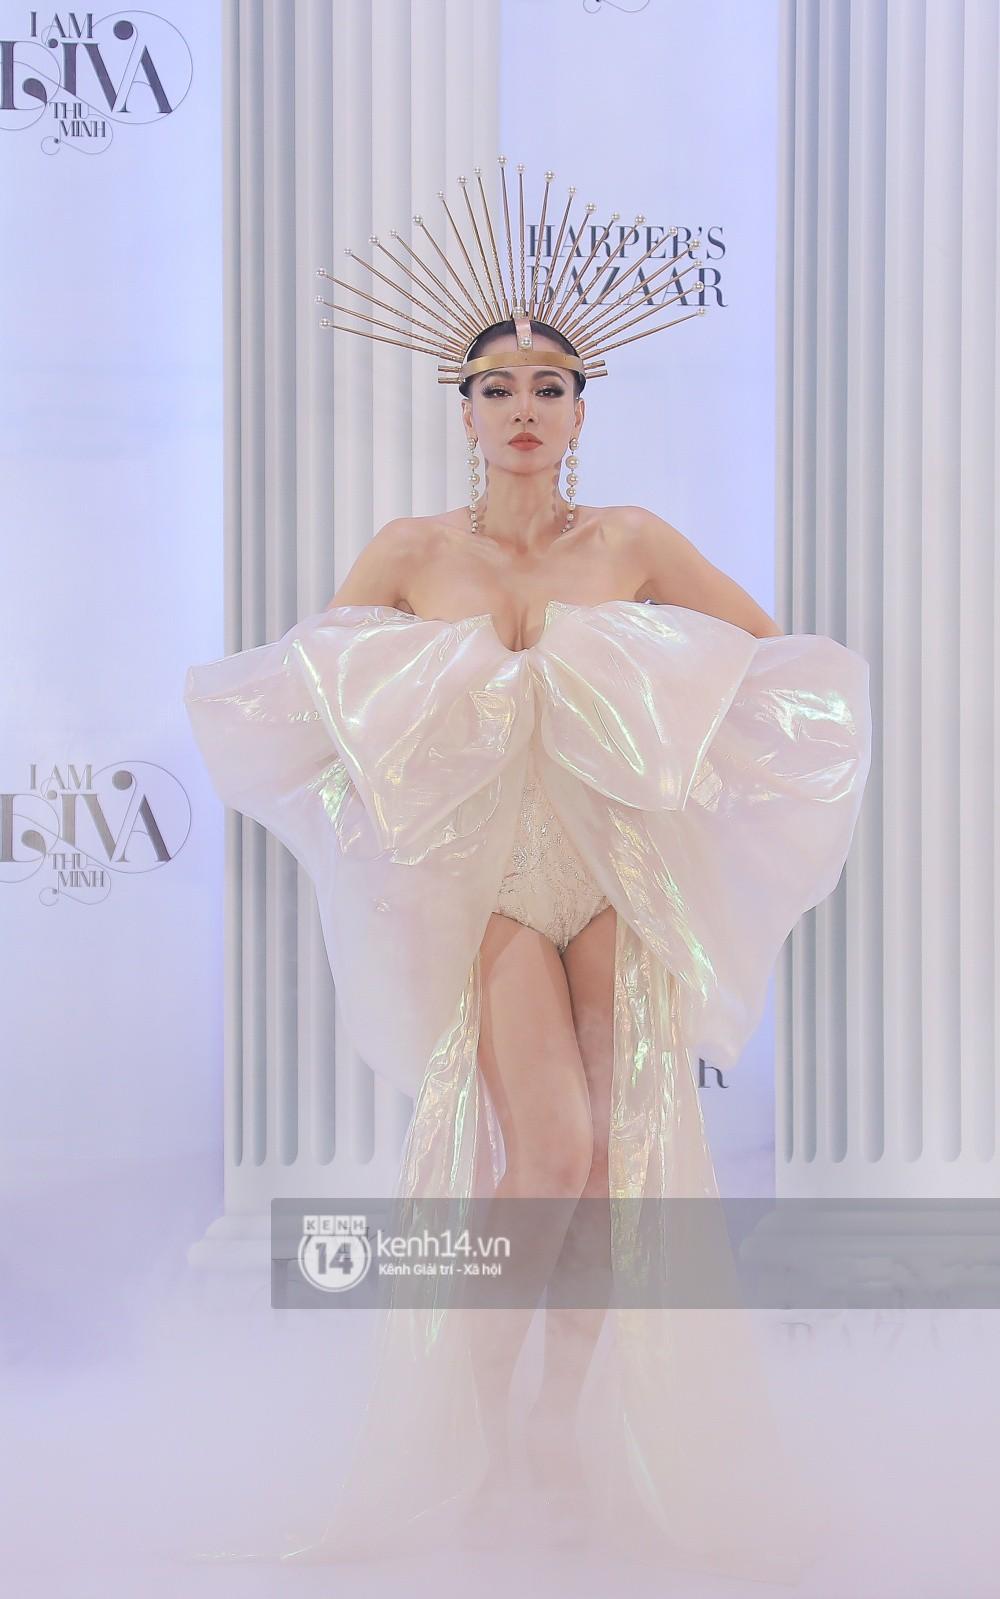 Thảm đỏ lố nhất Việt Nam: Nếu Phương Khánh là đóa hoa thì Jolie Nguyễn chính là giấy gói quà, riêng Nam Em quên... mặc quần - Ảnh 28.